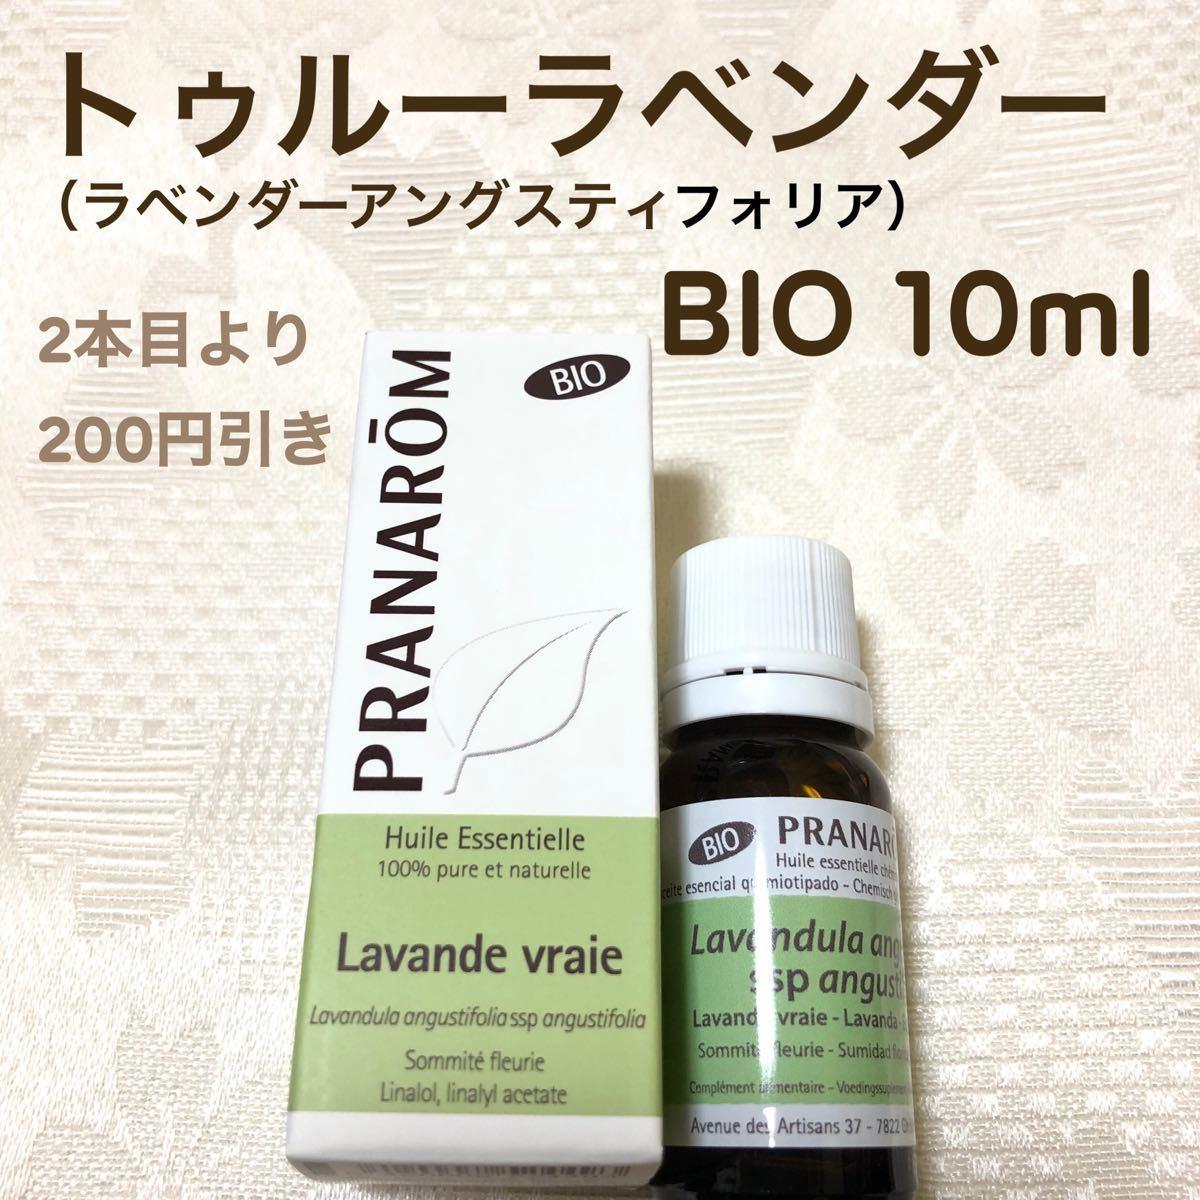 【トゥルーラベンダー BIO 】10ml プラナロム 精油